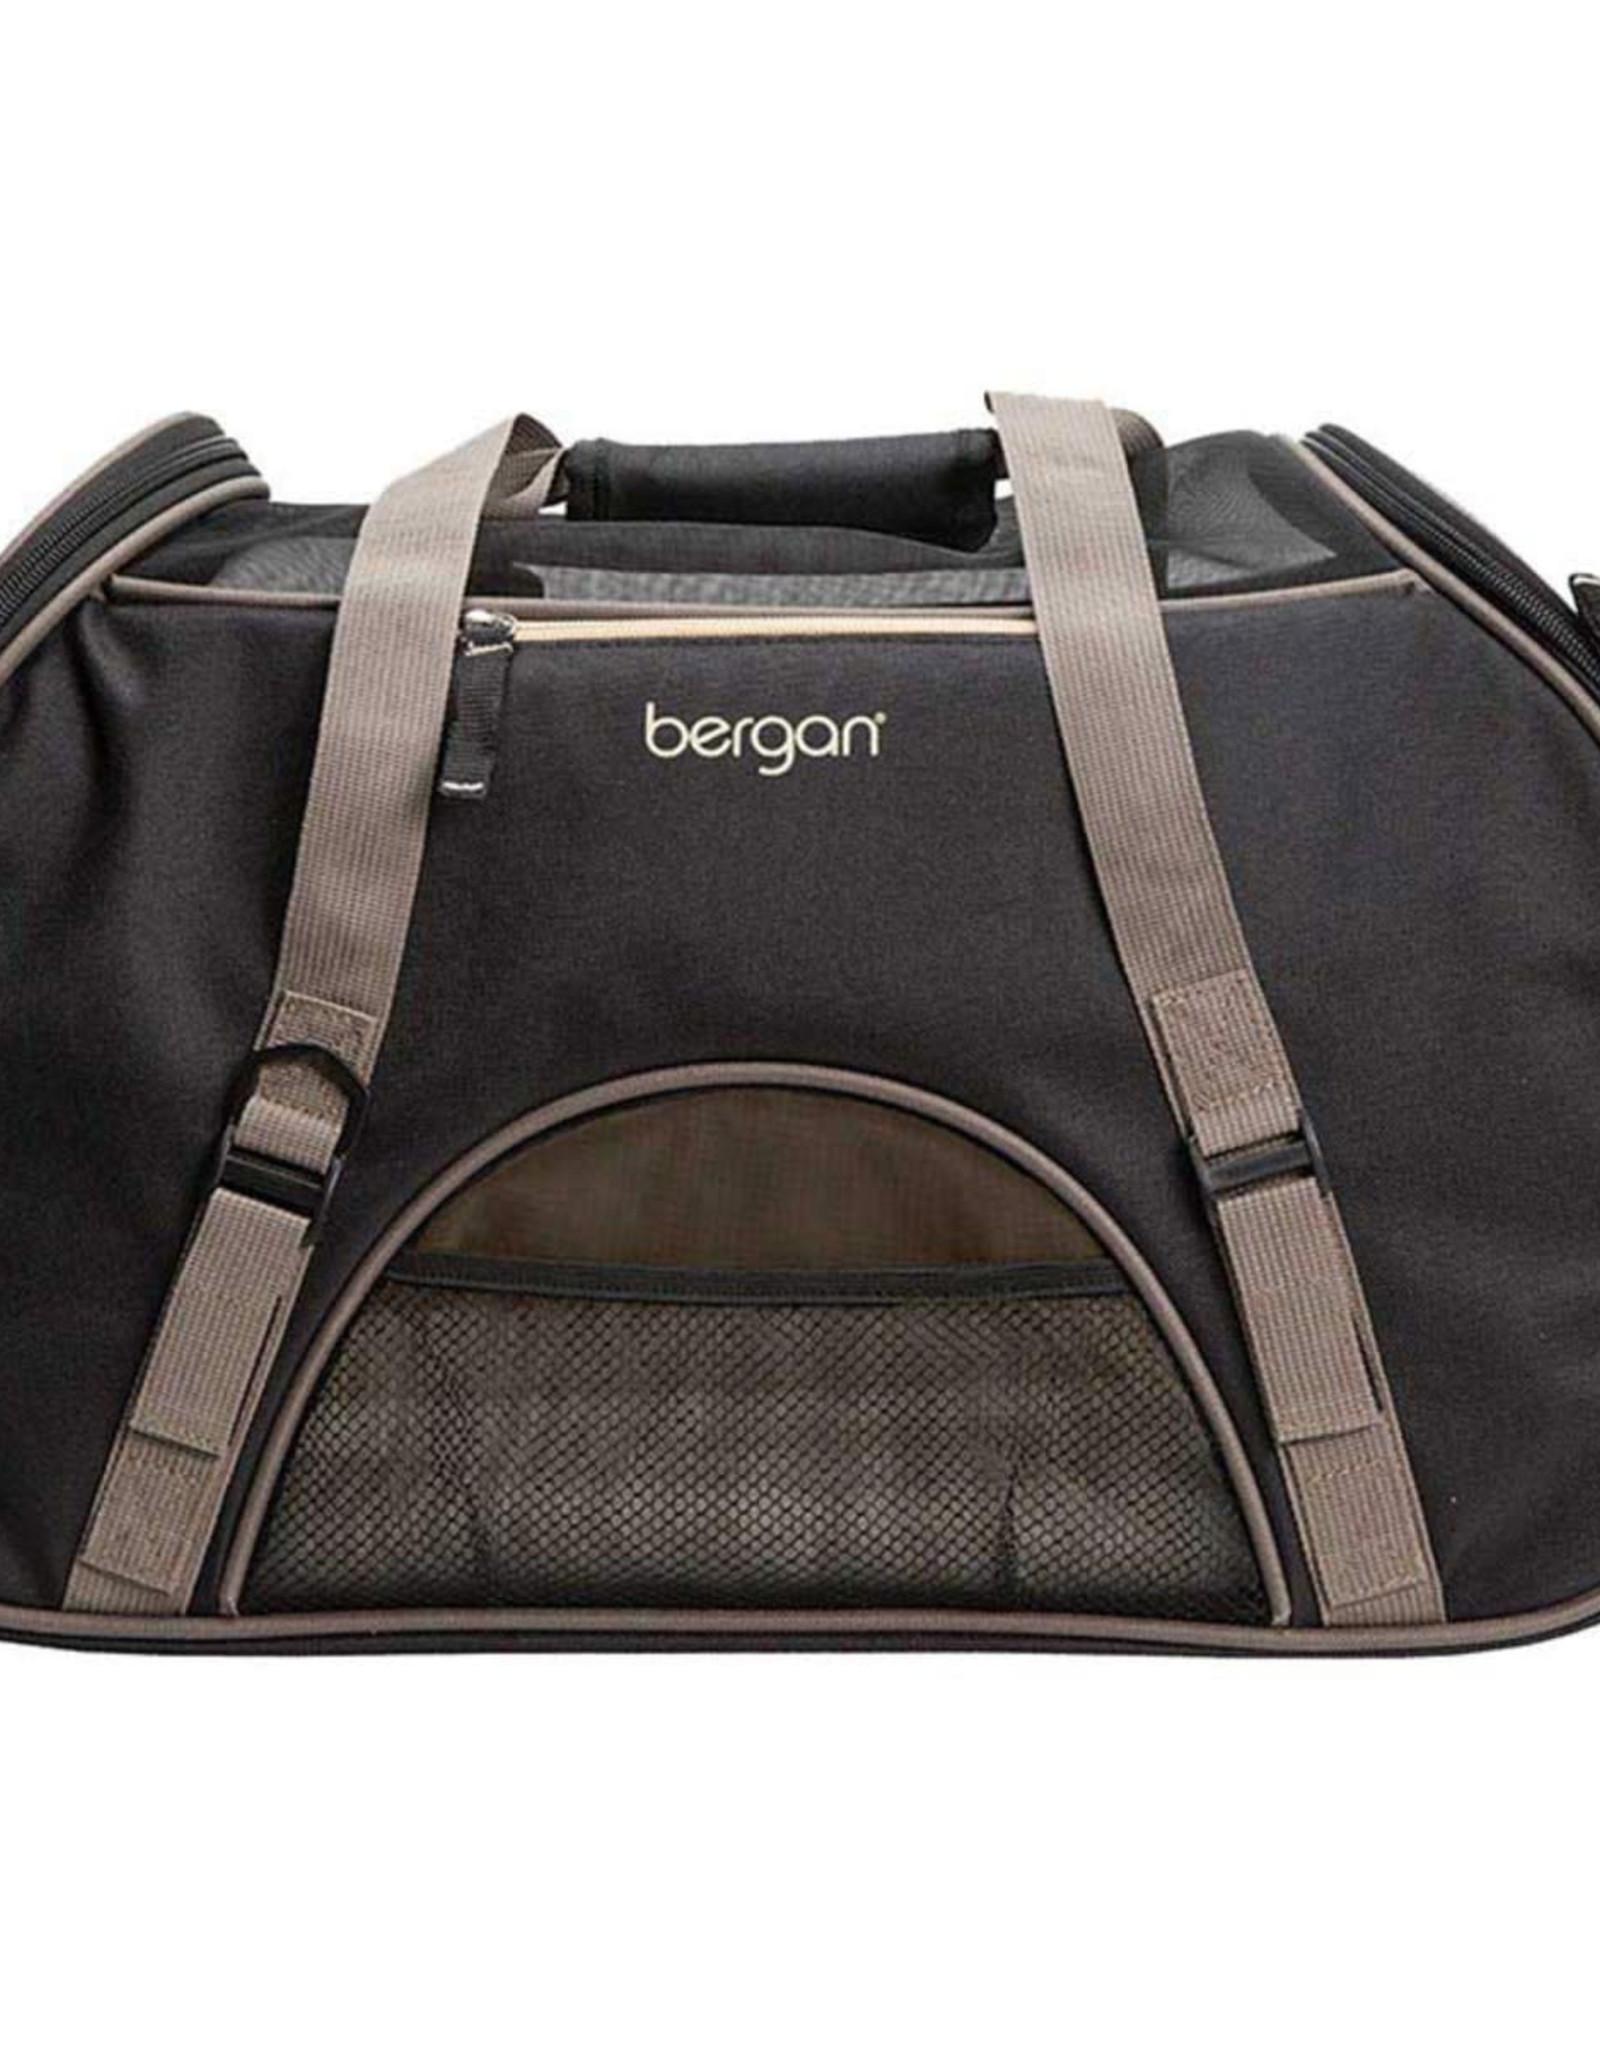 Bergan Bergan Pet Comfort Carrier Small Black/Brown